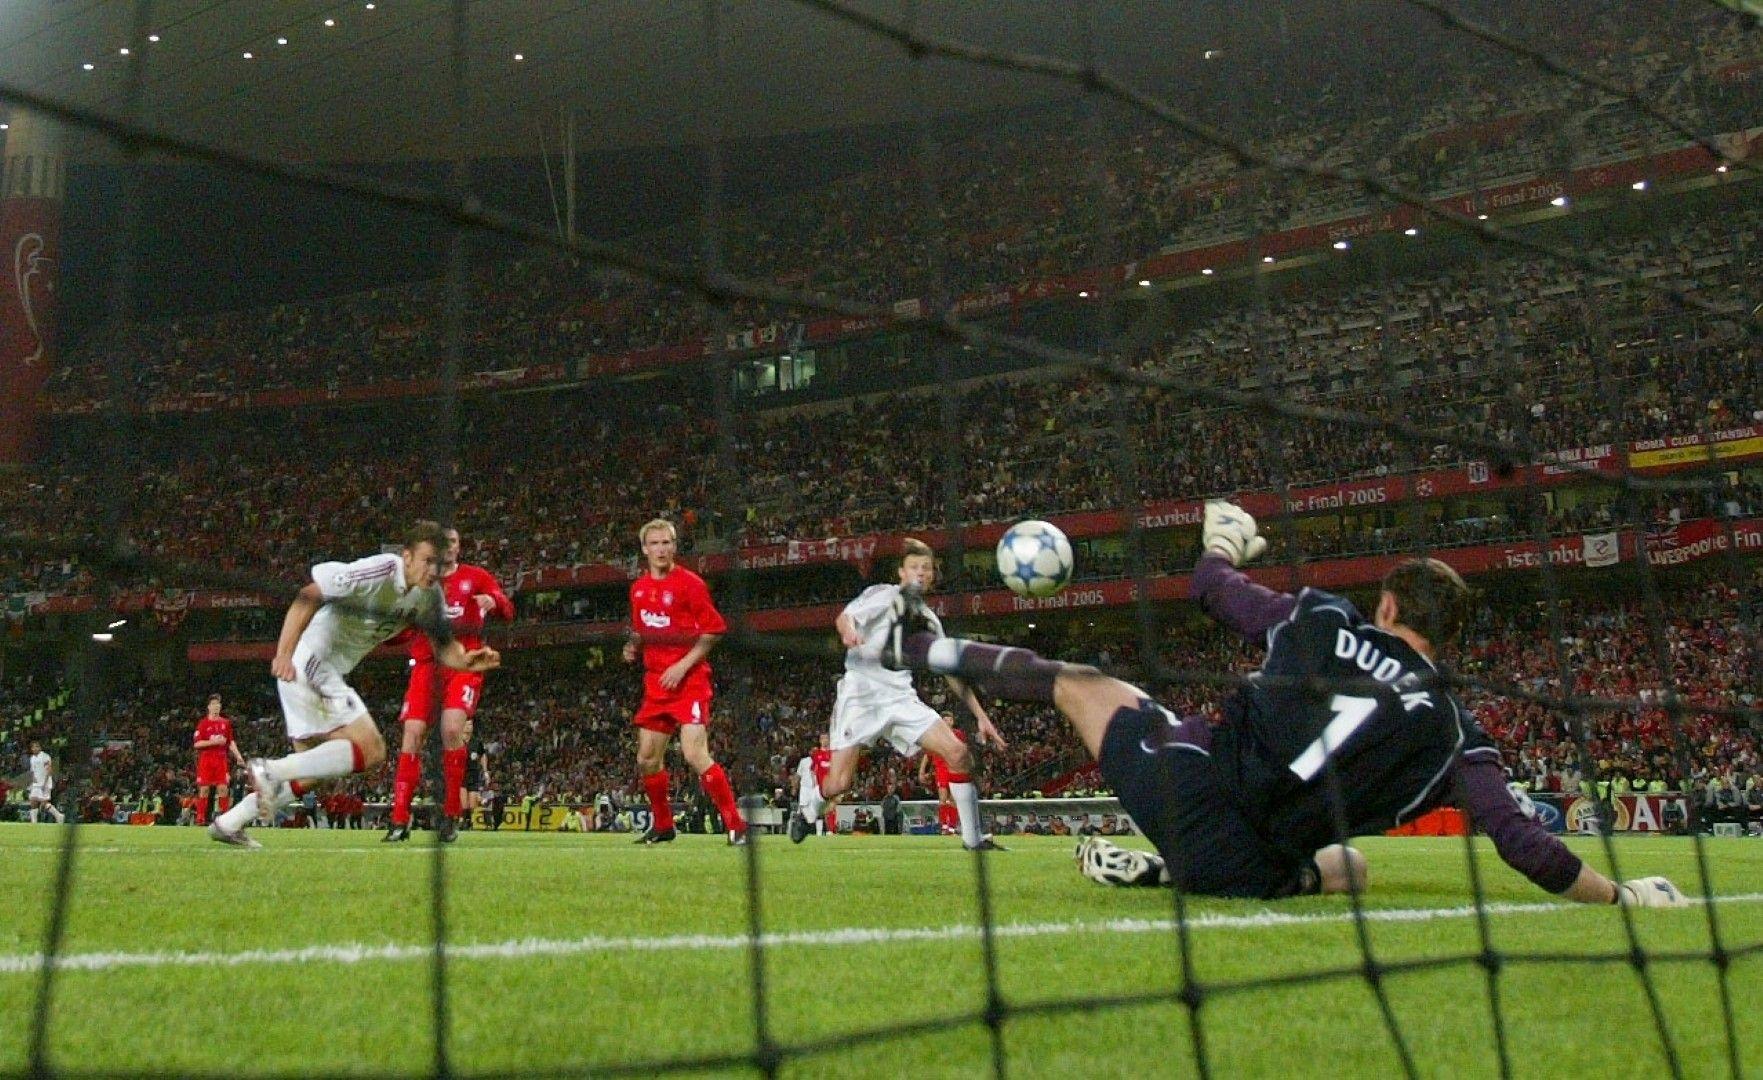 2005 г., Истанбул. Шевченко изпуска от 2-3 метра при паднал вратар. Невъзможно!? Името на Ливърпул вече е гравирано върху купата...